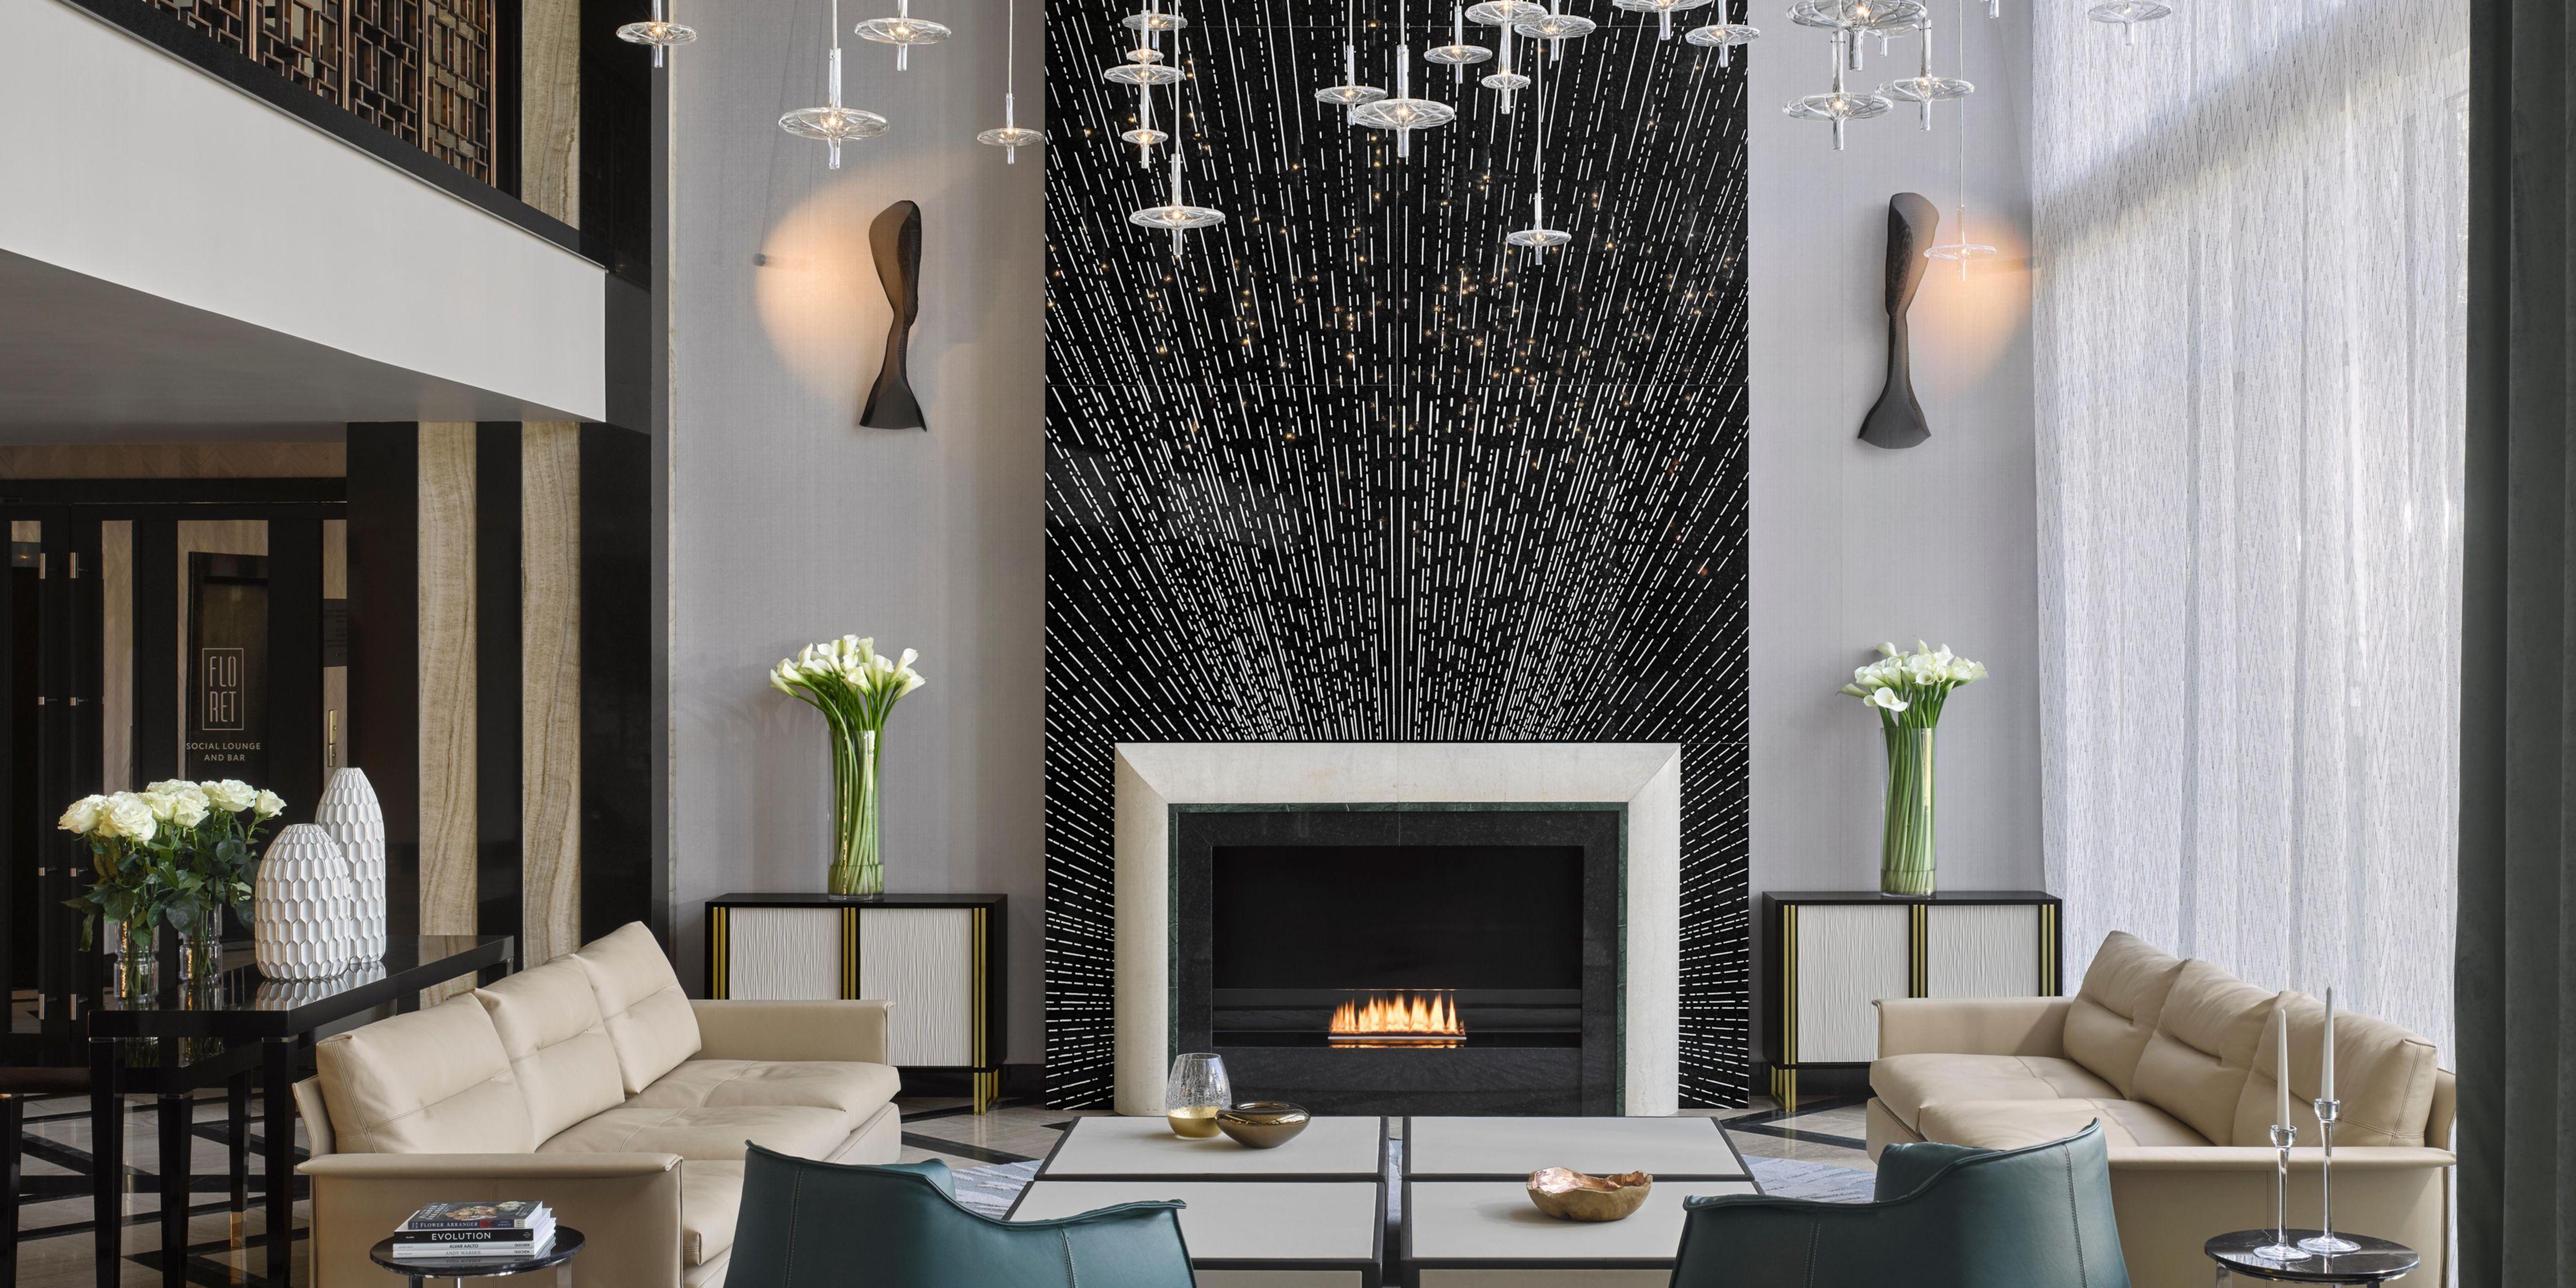 Sofia Italian Design Avis intercontinental sofia - hotel reviews & photos